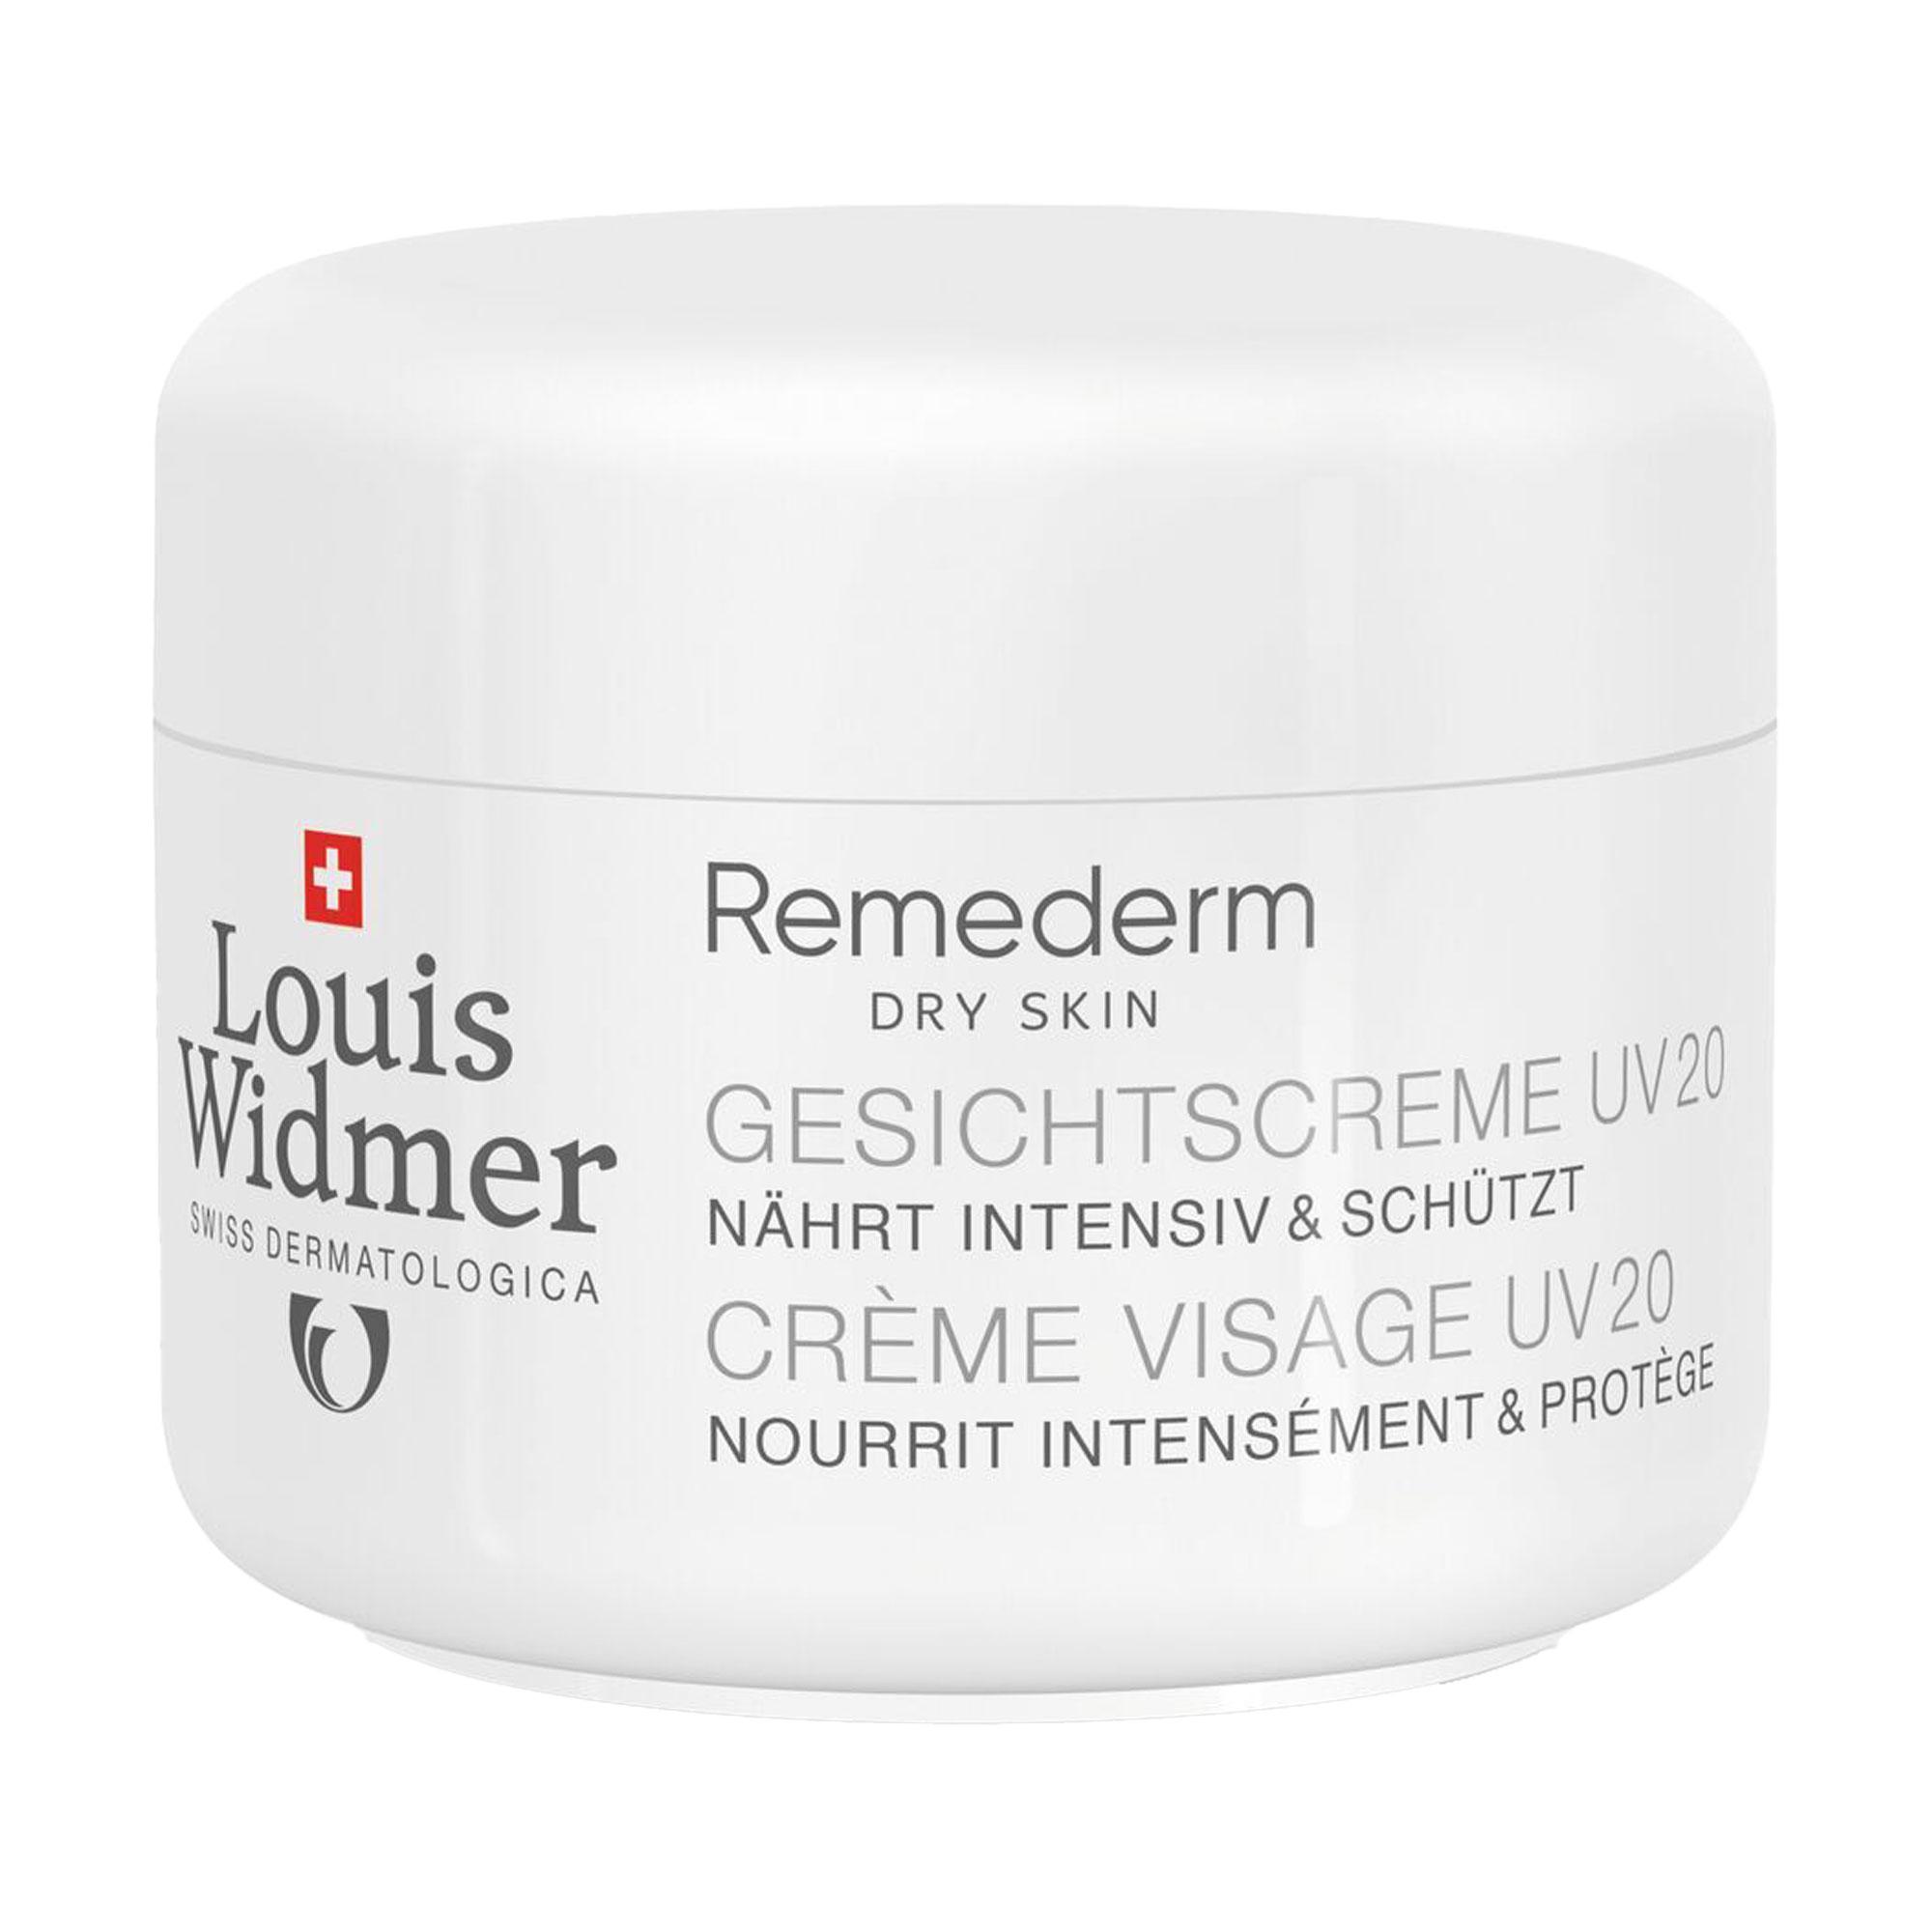 Widmer Remederm Gesichtscreme UV 20 leicht parfümiert